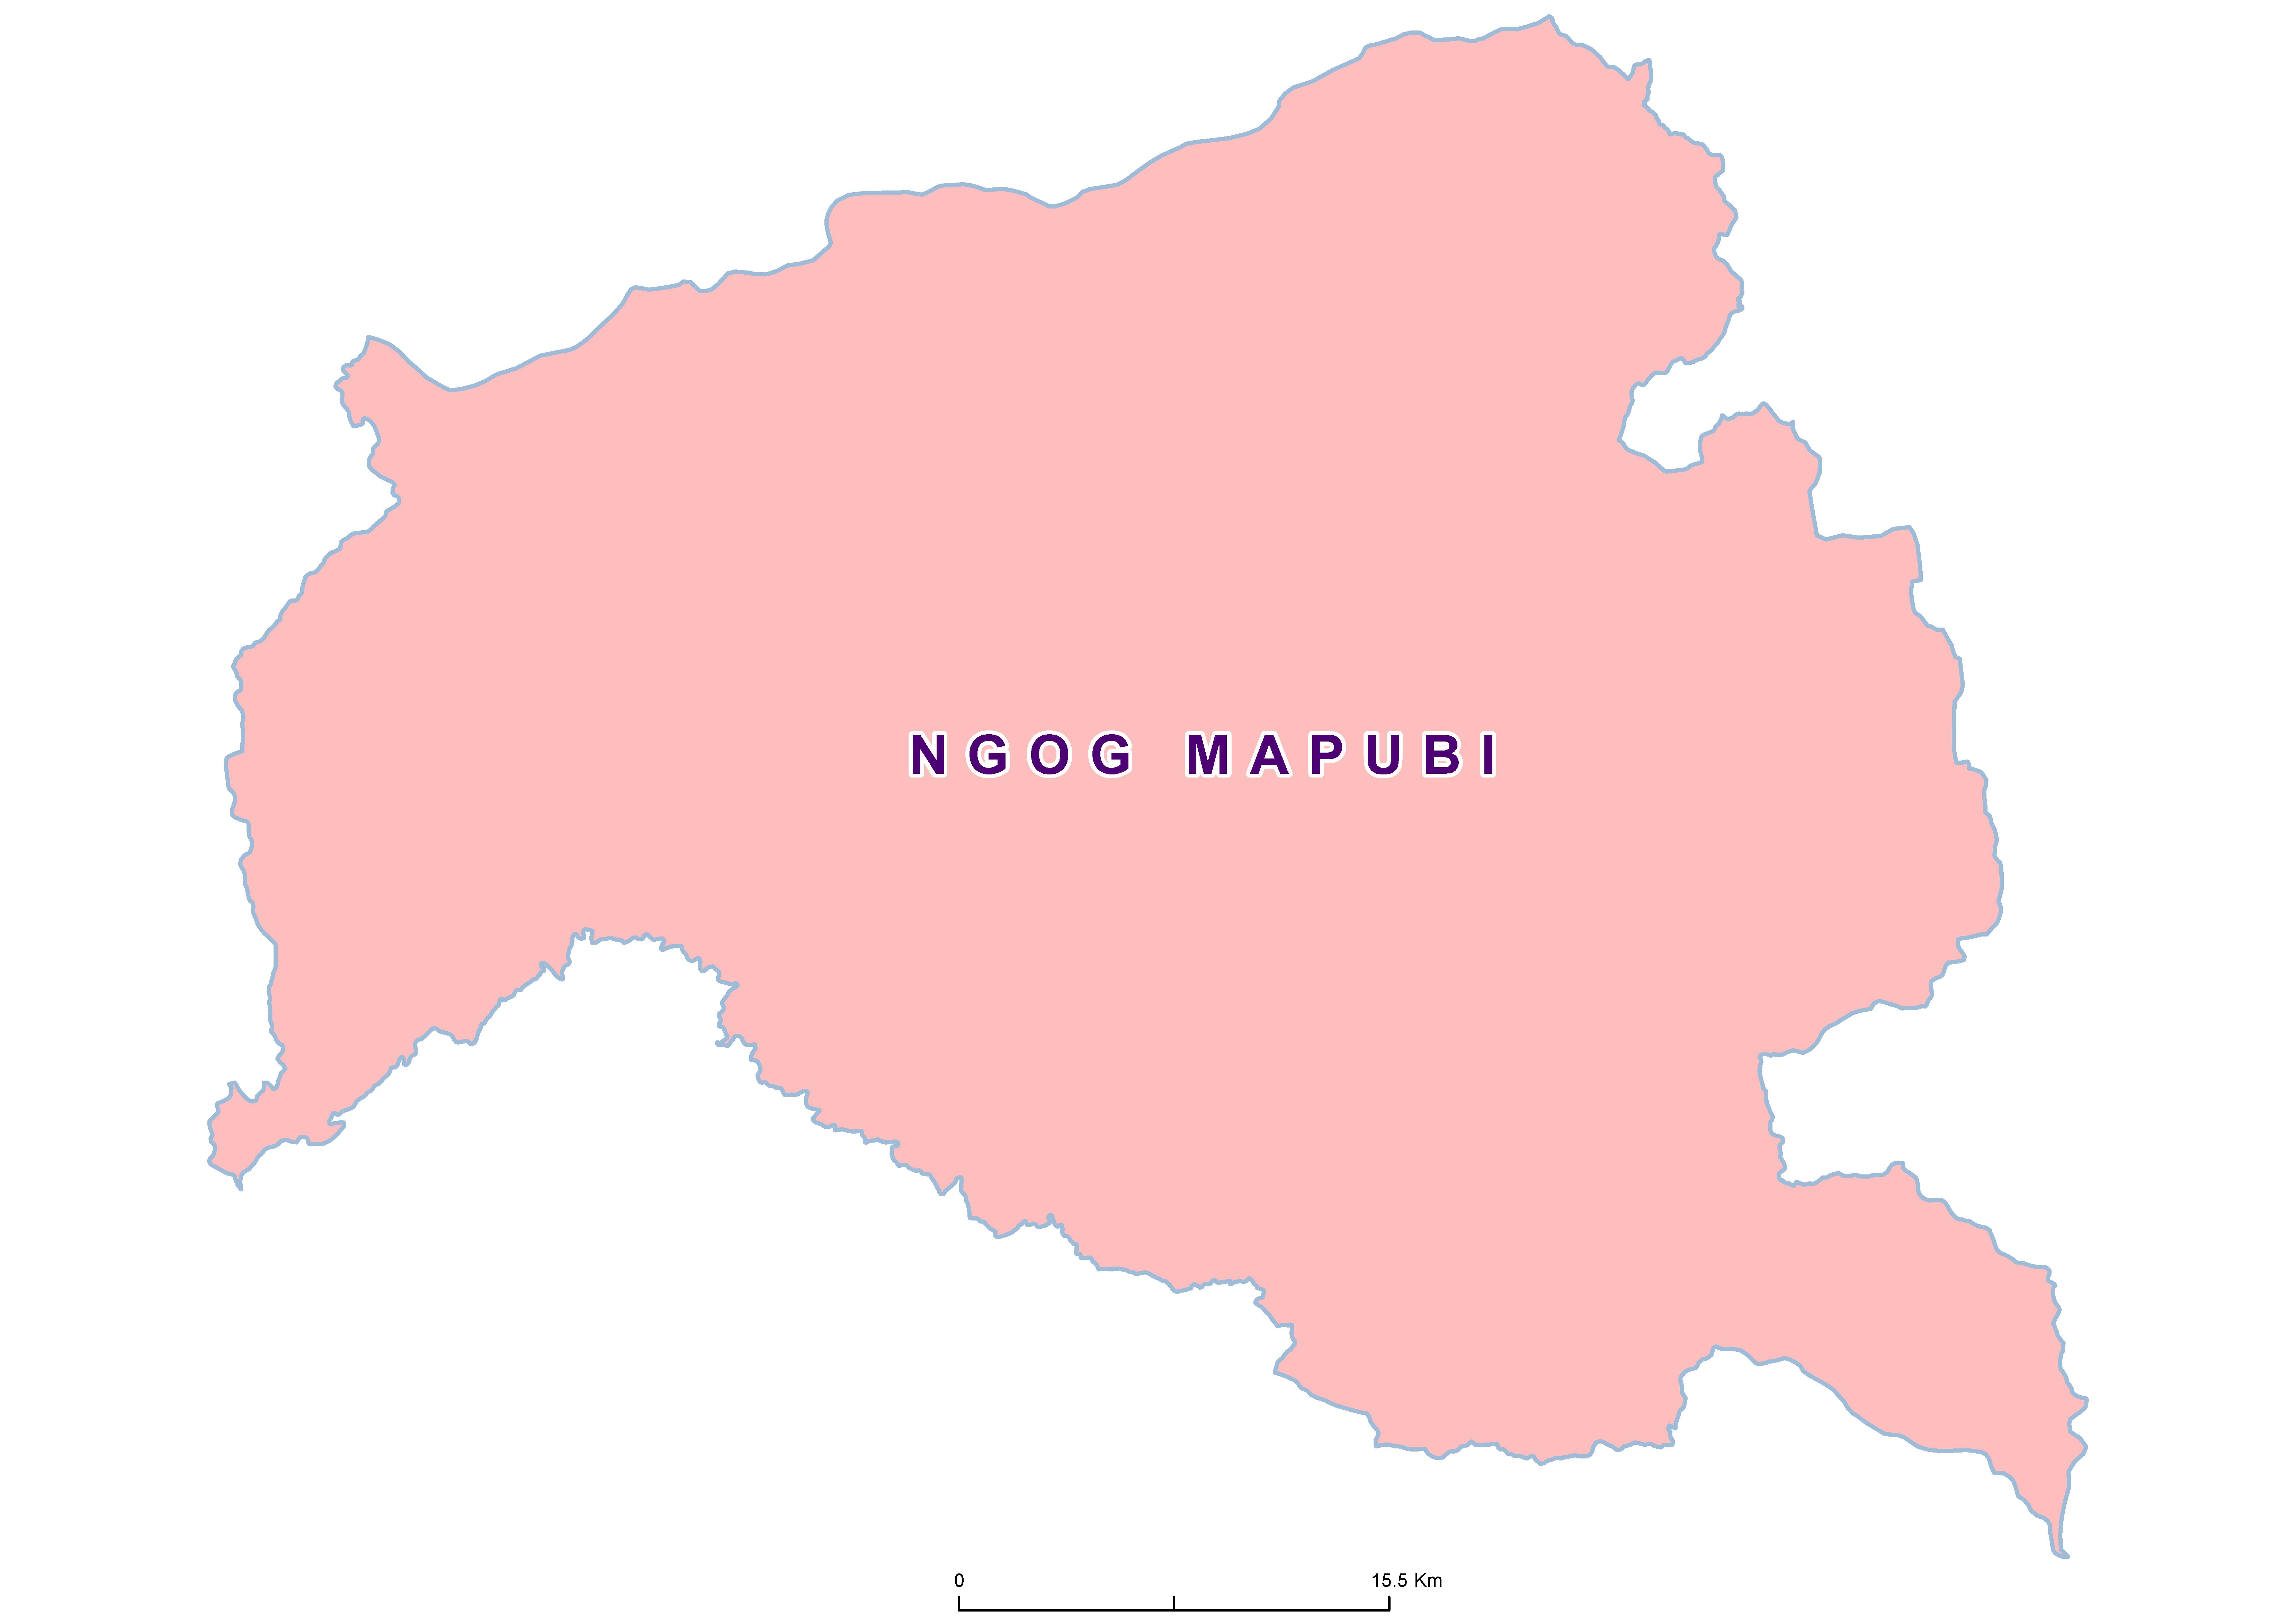 Ngog mapubi Mean SCH 19850001